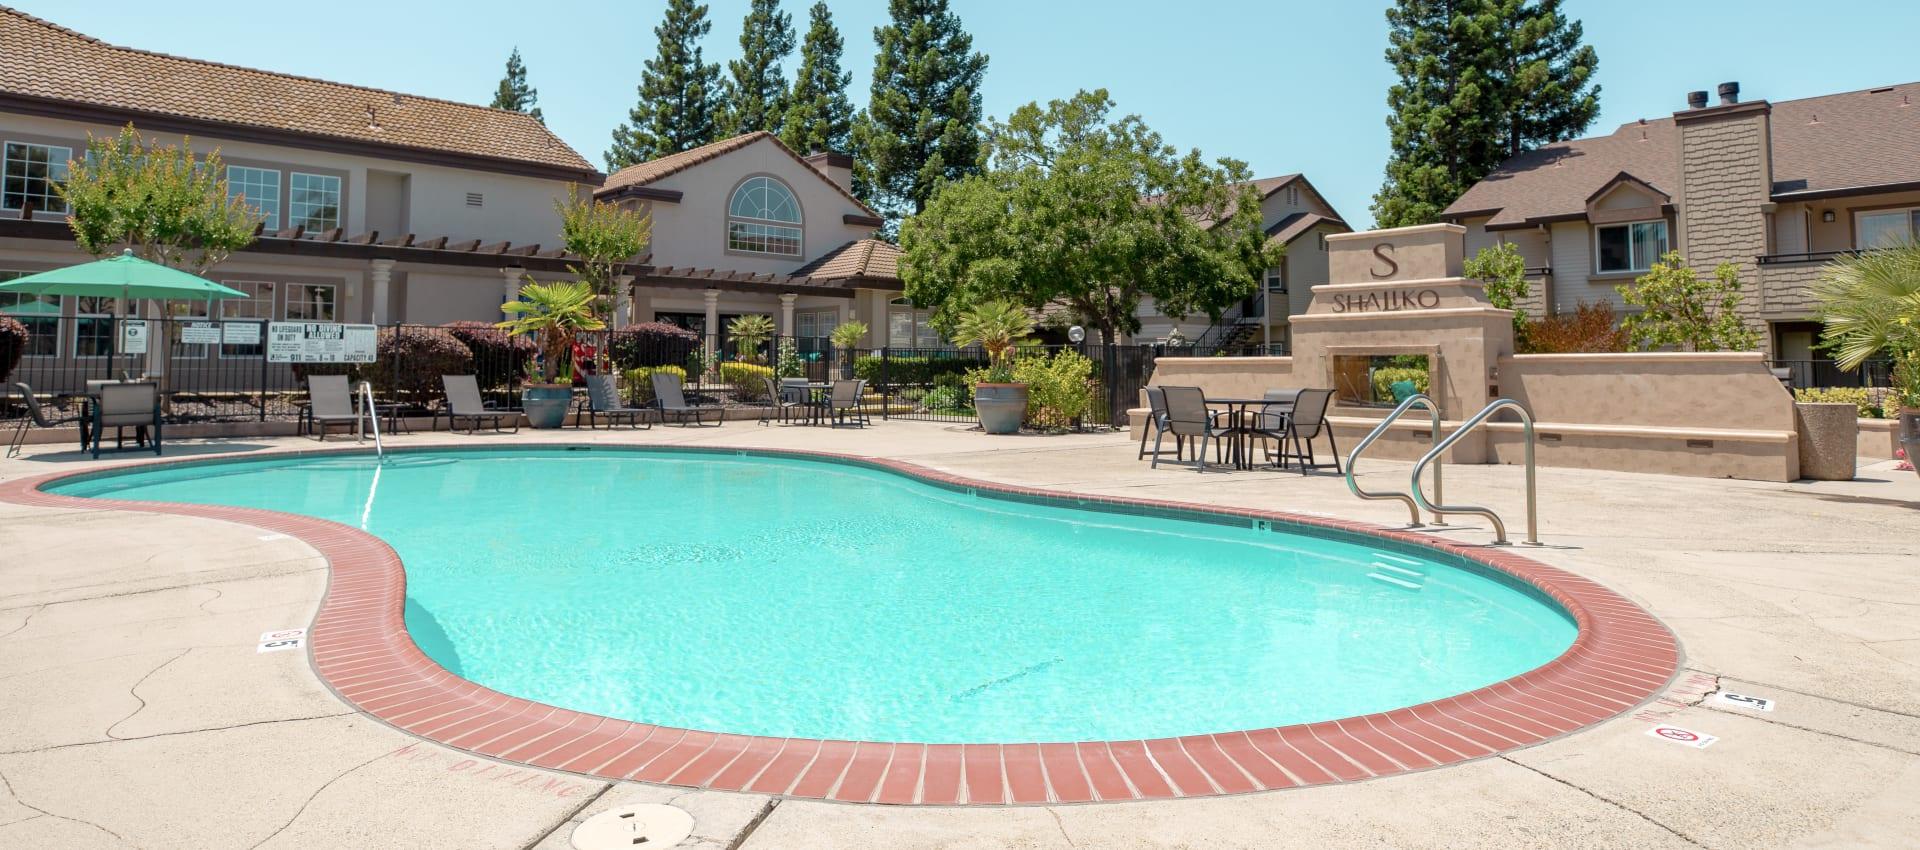 Swimming pool and spa at Shaliko in Rocklin, California.